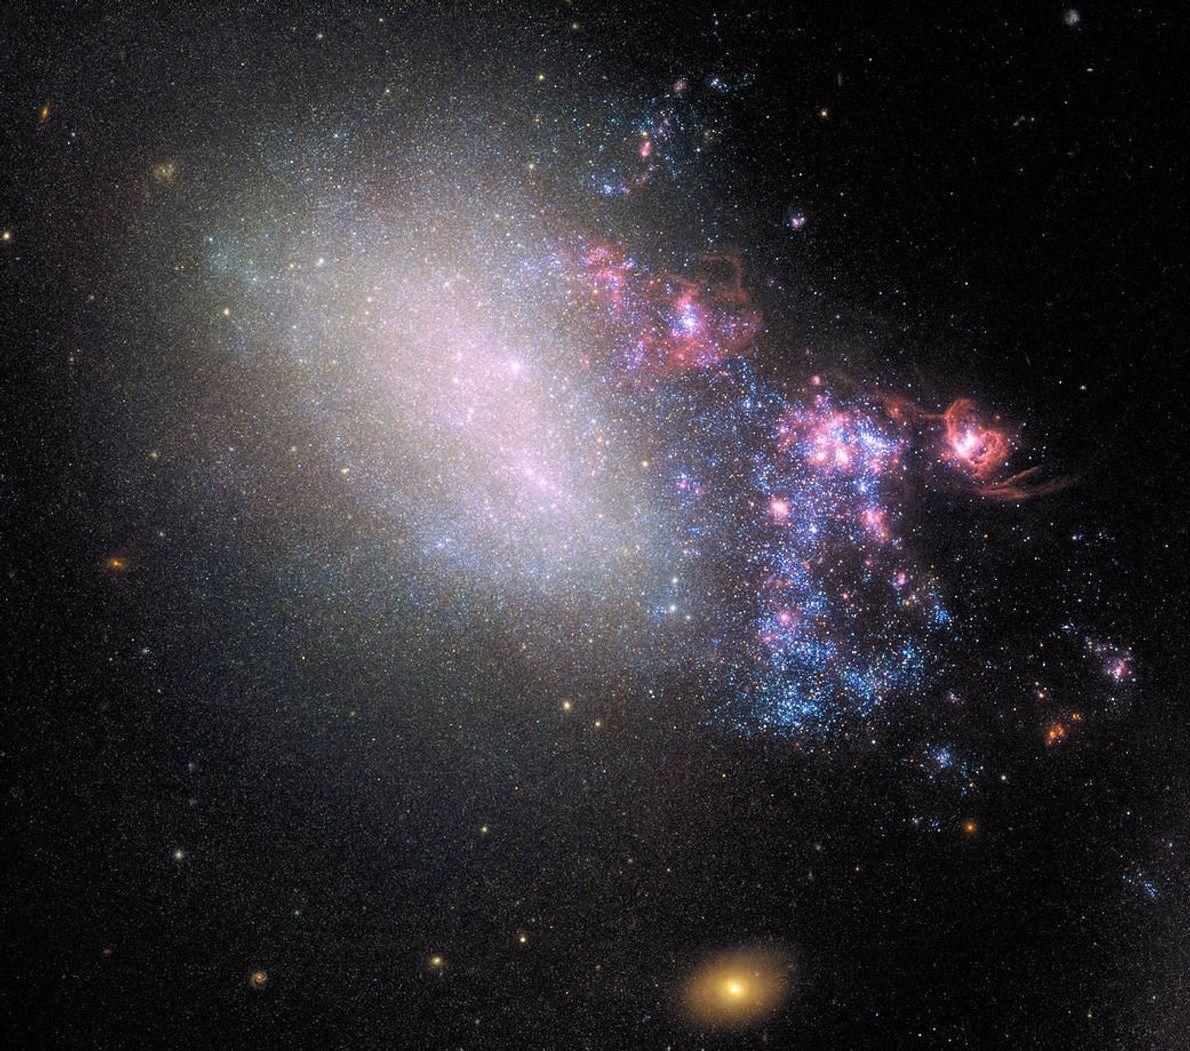 NGC 4485